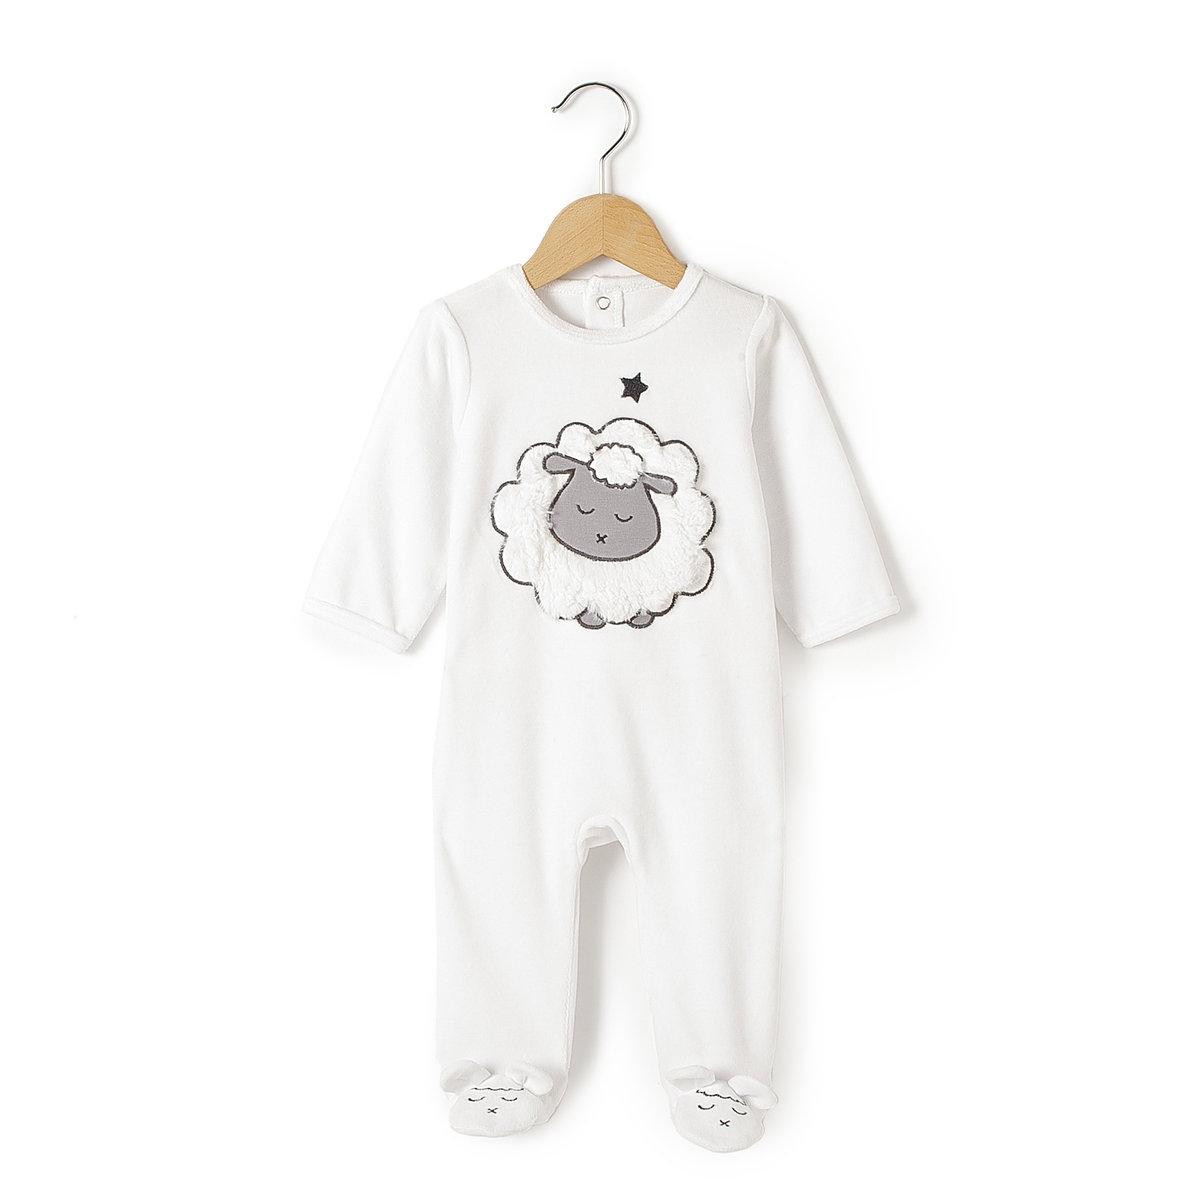 Пижама велюровая, 0 месяцев-3 годаМягкая и теплая пижама из велюра, 75% хлопка, 25% полиэстера, со вшитыми носочками. Вышитый рисунок спереди.       Застжека на кнопки на спине. Внизу брючин овечки с ушками. Покрытие против скольжения на ступнях начиная от 74 см.    Знак марки отпечатан с внутренней стороны и не напечатан на пришитой этикетке сзади, чтобы не вызвать раздражение или зуд на коже ребенка  .<br><br>Цвет: белый<br>Размер: 1 год - 74 см.18 мес. - 81 см.2 года - 86 см